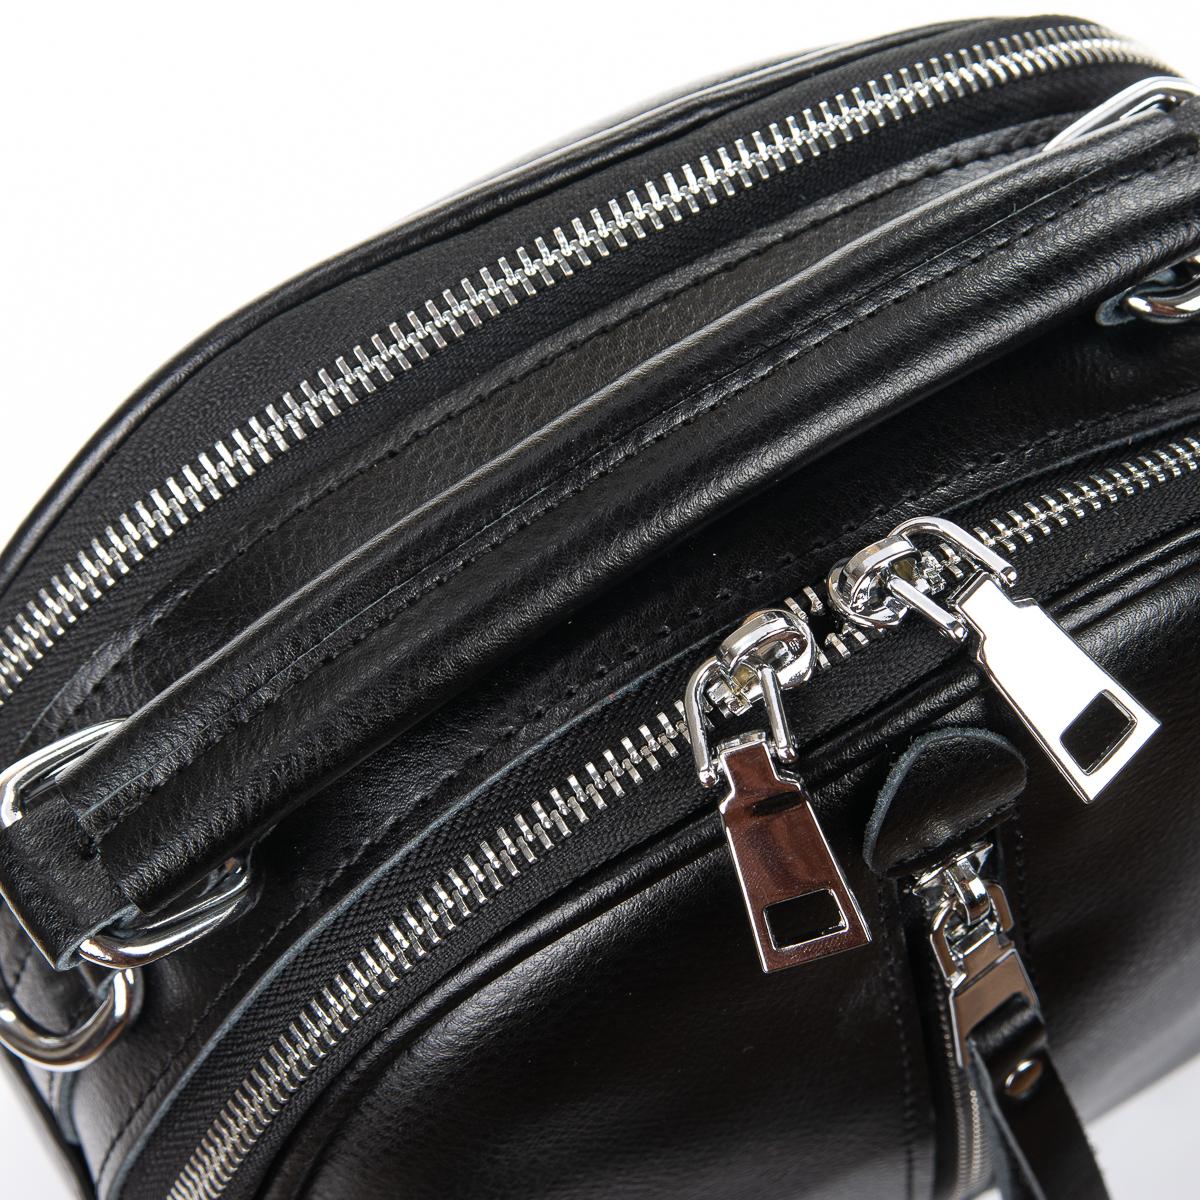 Сумка Женская Клатч кожа ALEX RAI 06-1 339 black - фото 3